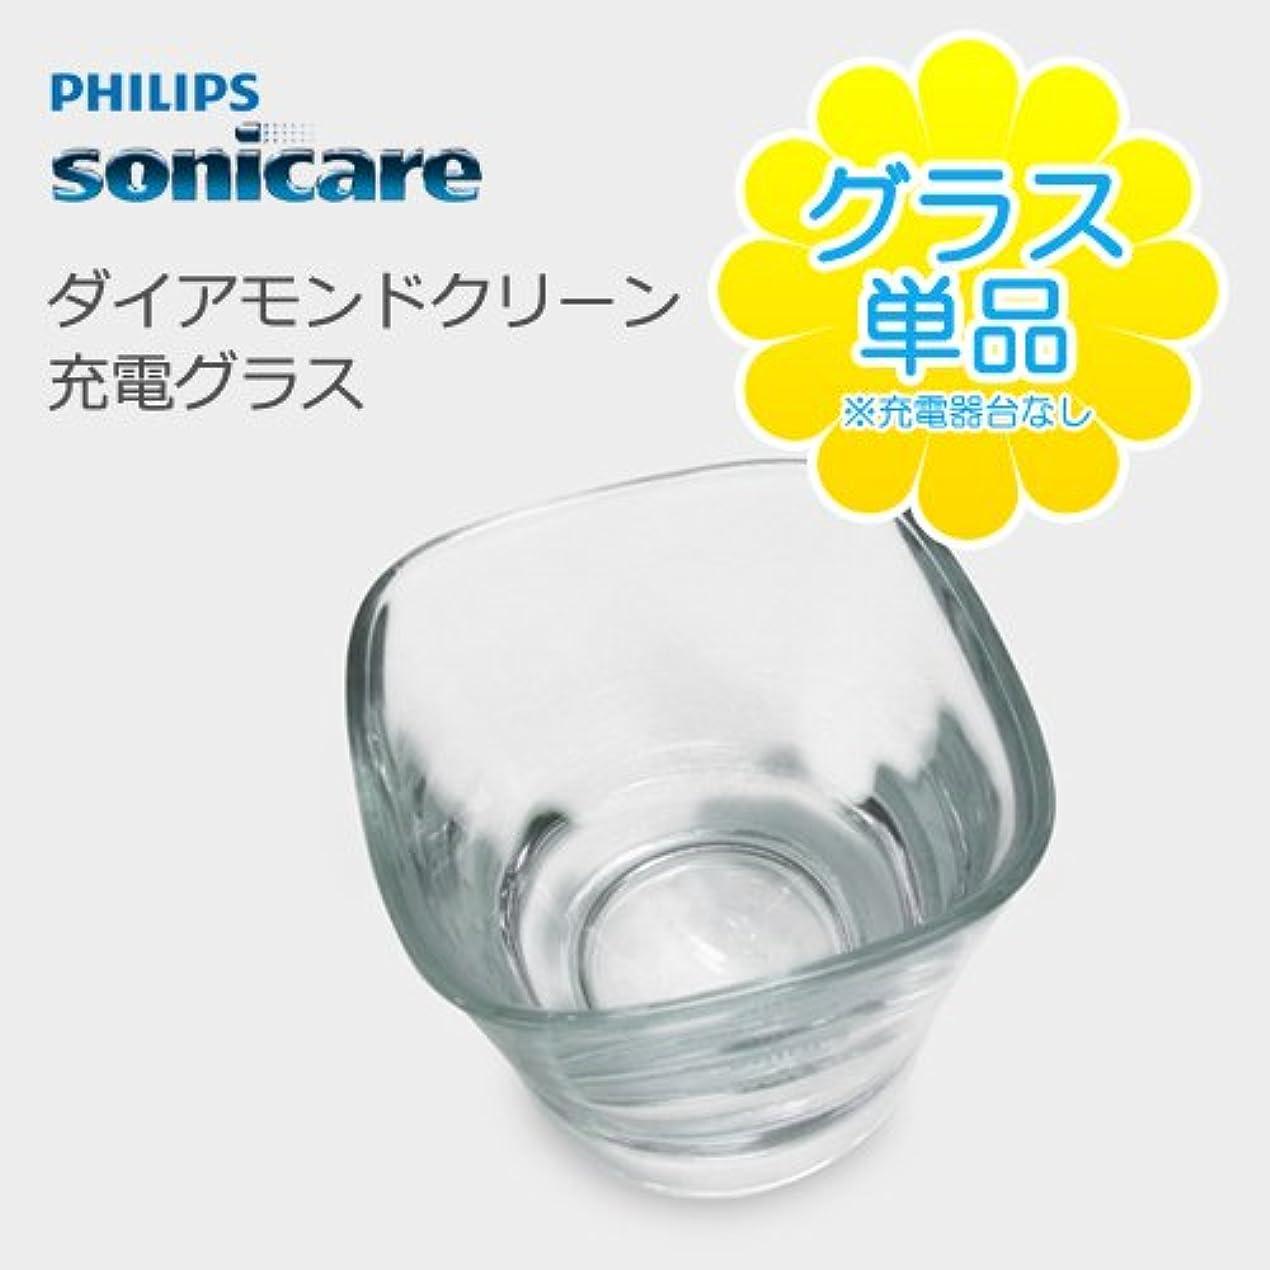 見込み葉母性PHILIPS sonicare DiamondClean 充電グラス(単品) ソニッケアーダイヤモンドクリーンをお持ちの方におすすめ!充電グラスのみの販売です HX9303/04 HX9353/54 HX9333/04...